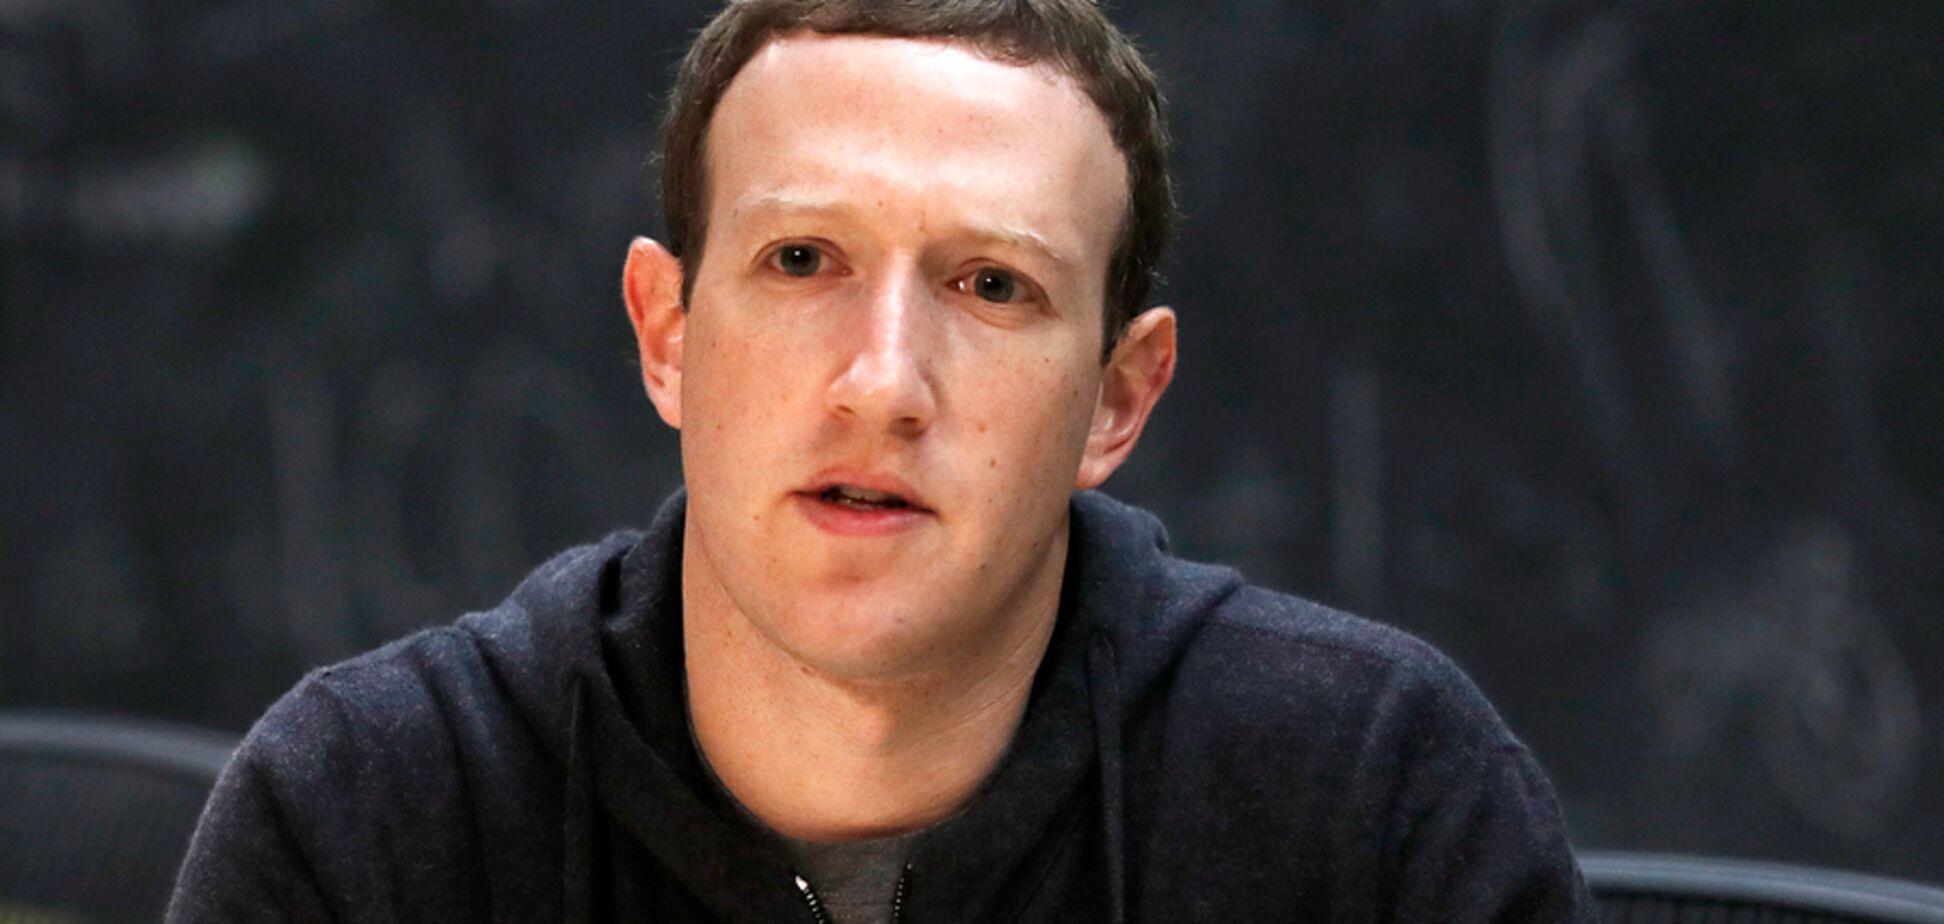 У Facebook влаштували бунт проти Цукерберга: що злить акціонерів